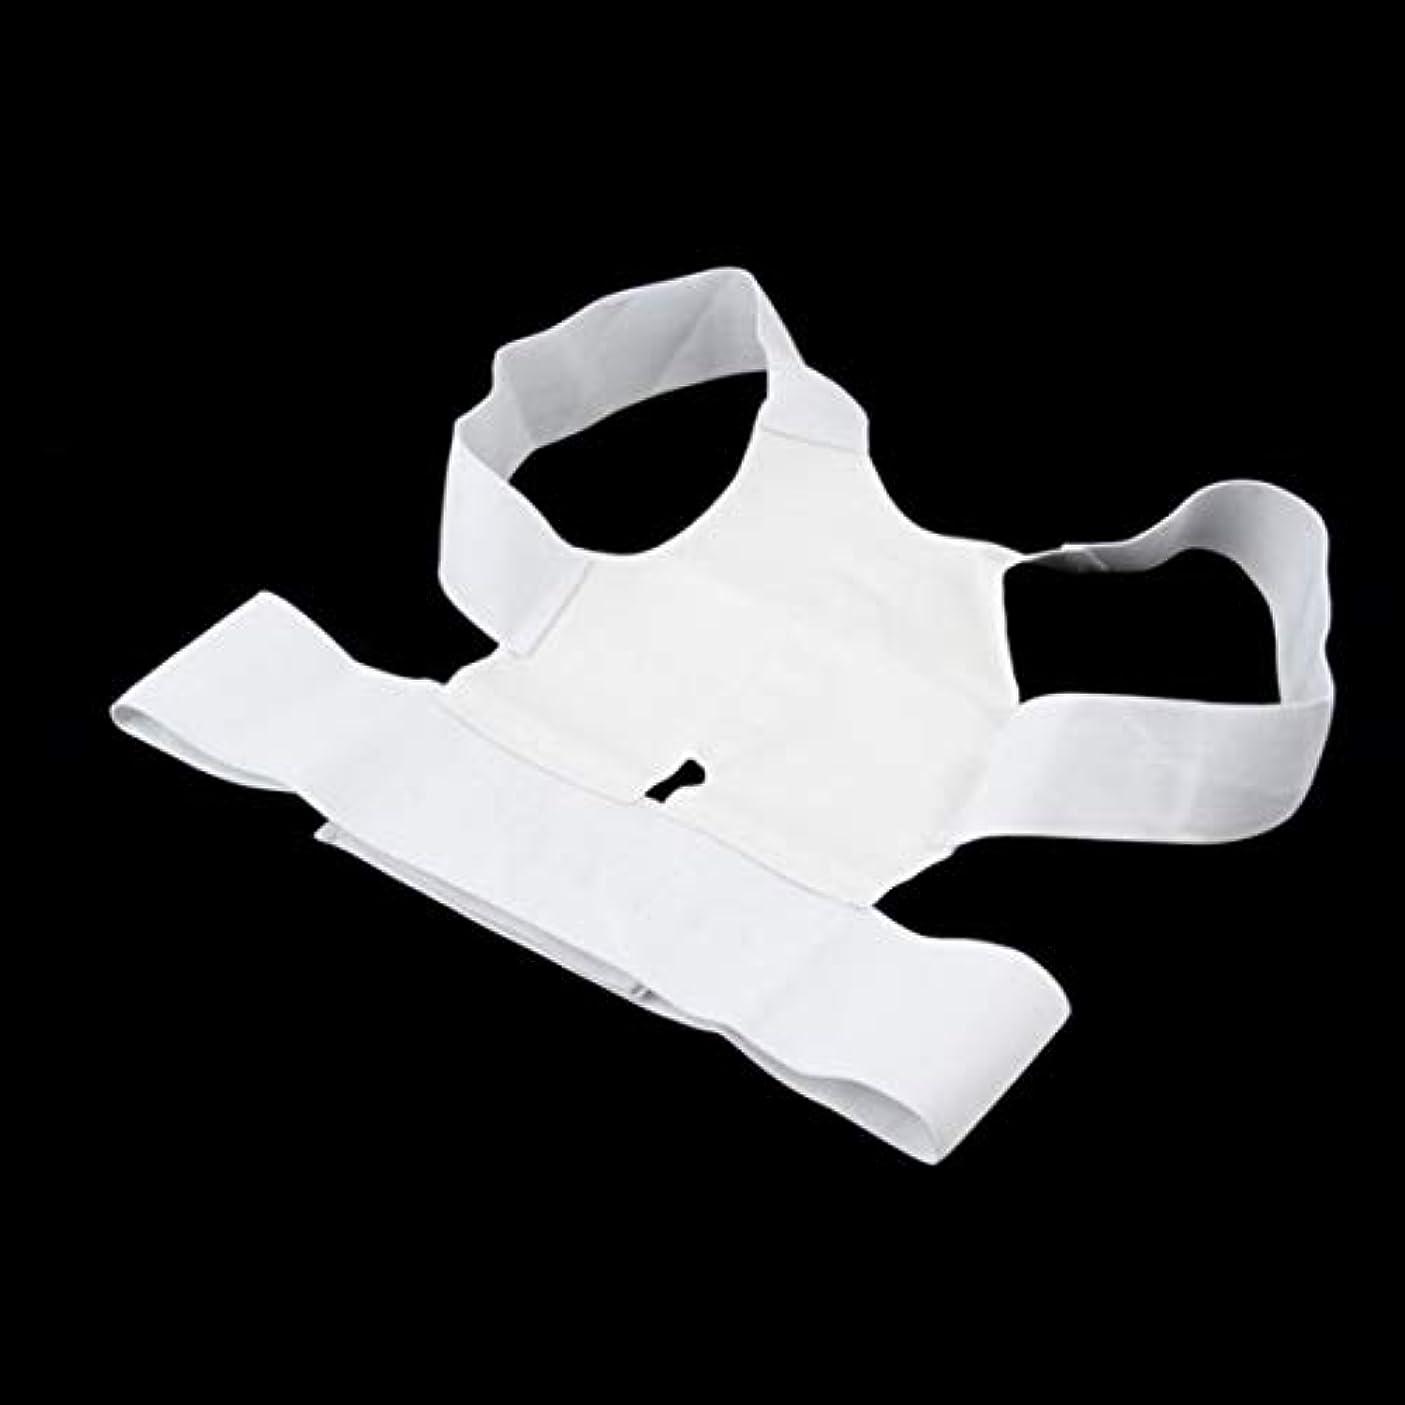 勝利したコートの量Kongqiabona腰椎矯正ベルト磁気姿勢サポート矯正装置バックベルトブレース肩リリース痛み